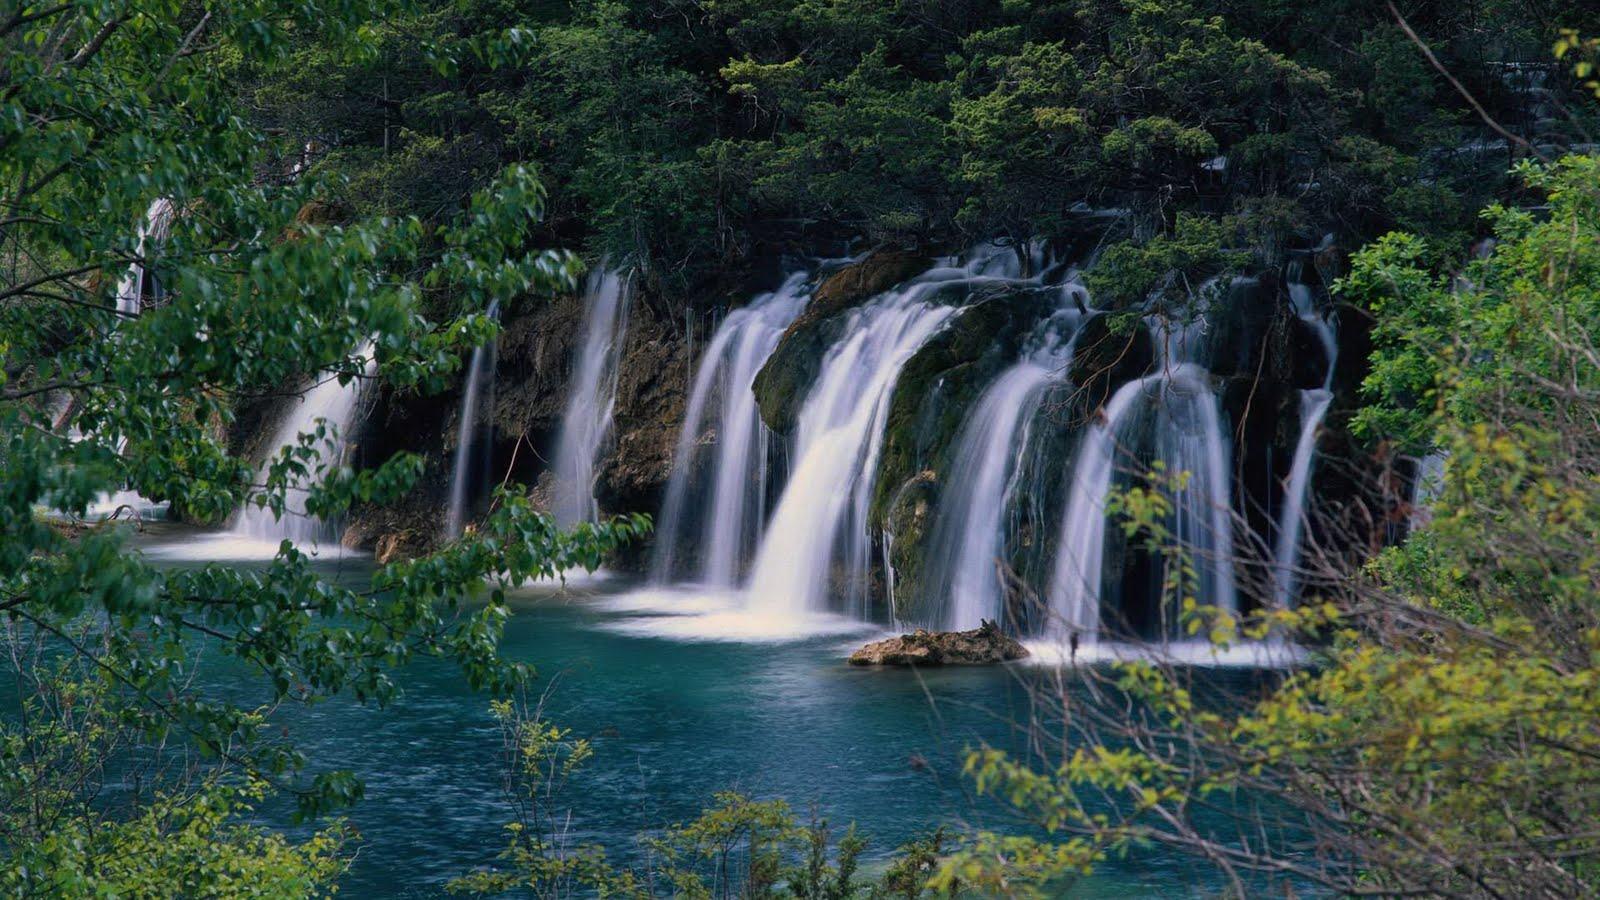 http://3.bp.blogspot.com/_6A8j2EQmANk/TJh-q4R1e0I/AAAAAAAASIM/wLDXl_VnVpY/s1600/Beautiful+Ever+Landscape+Wallpapers+1.jpg